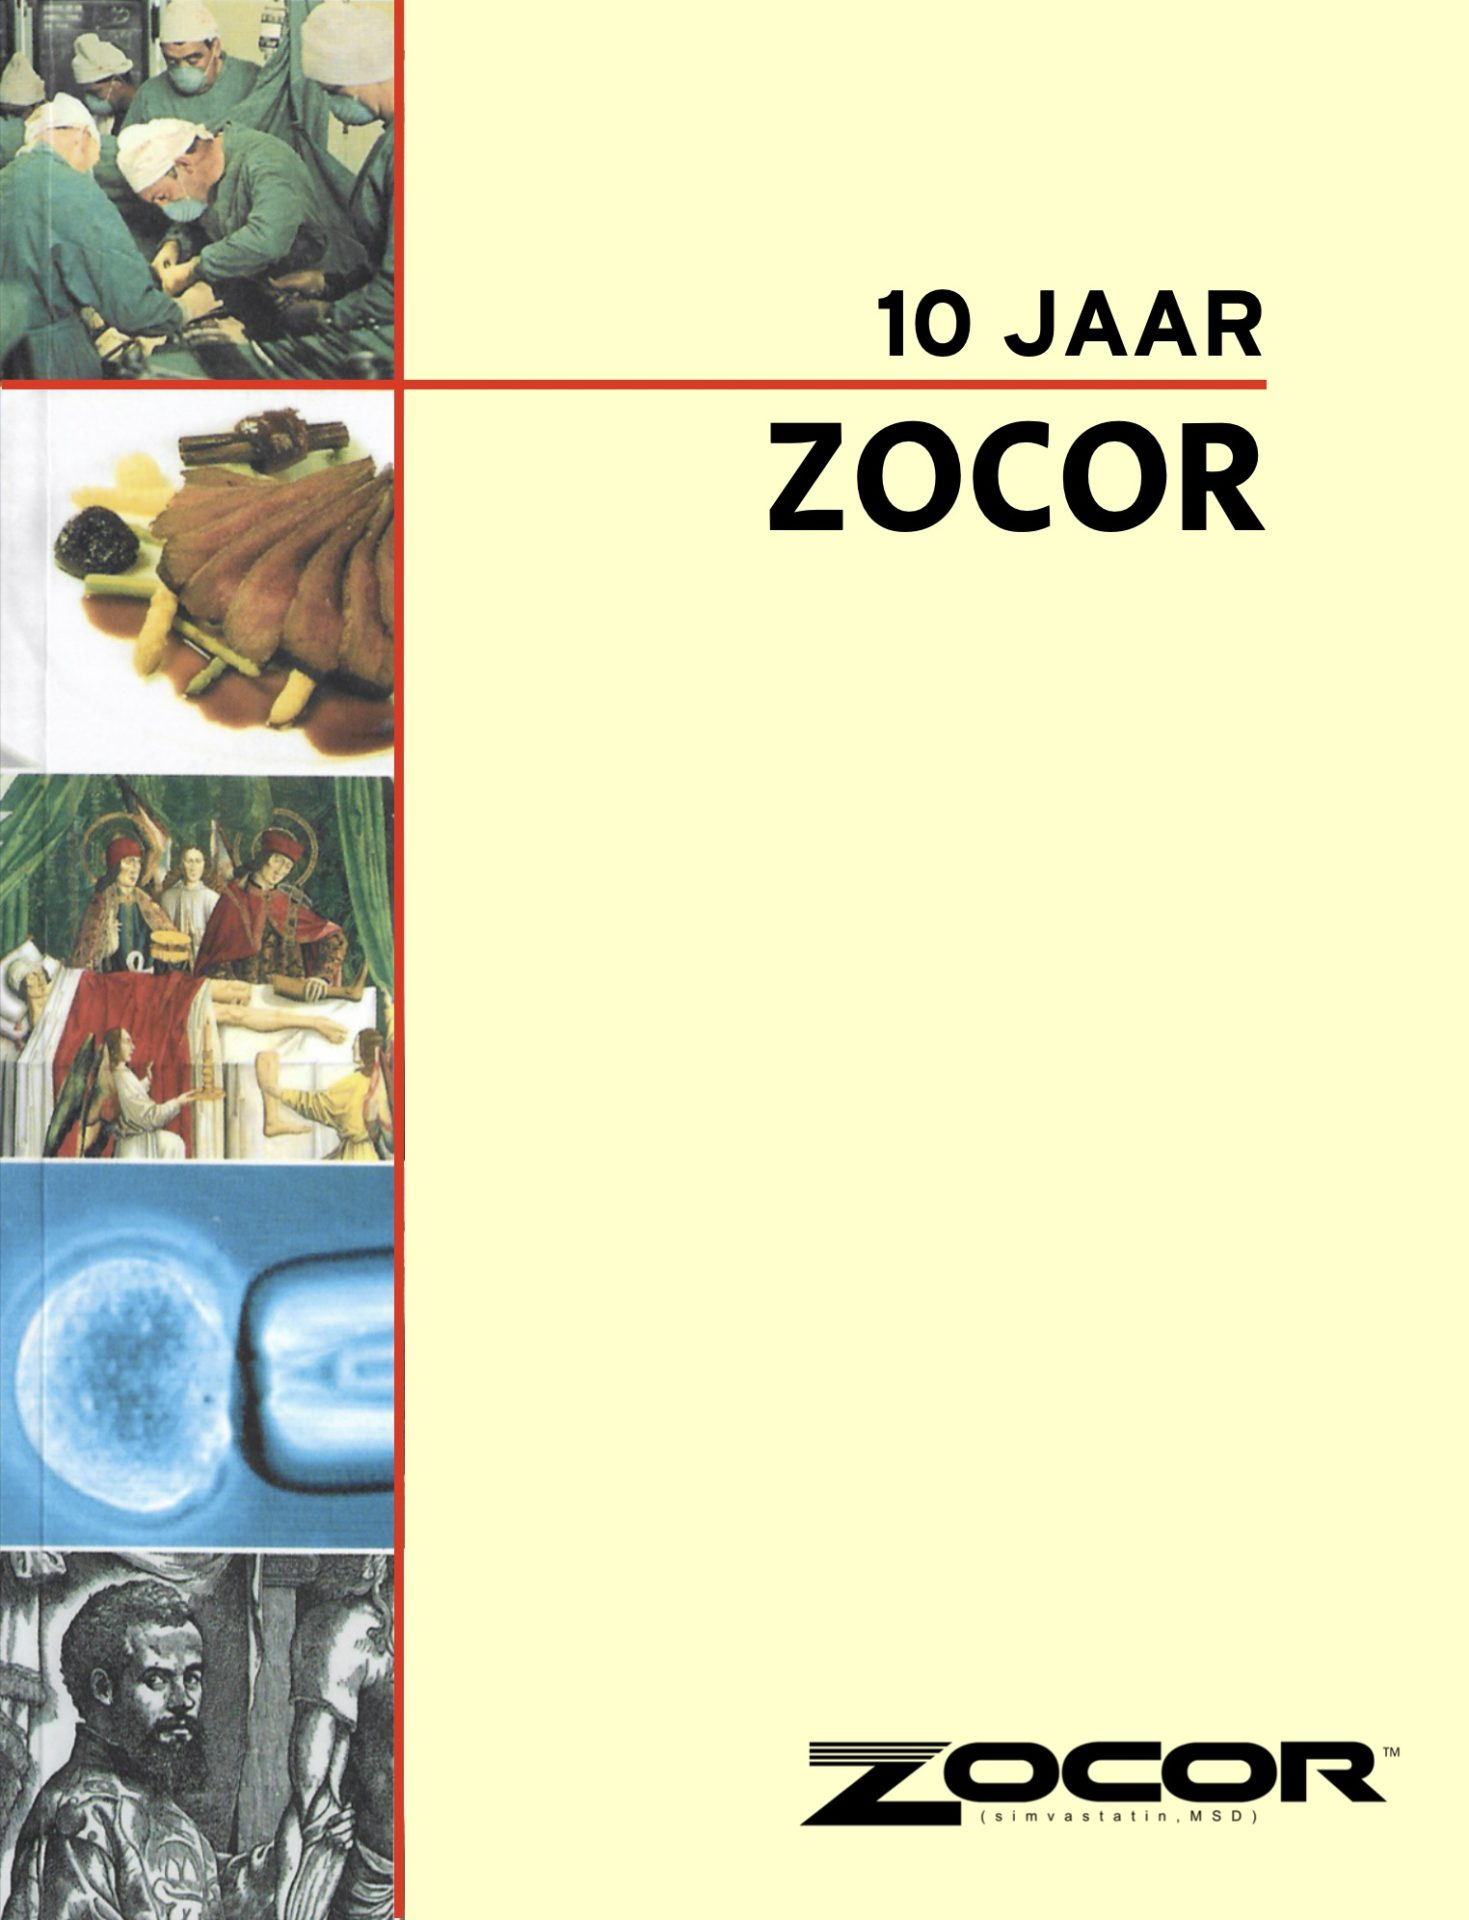 jubileumboek zocor